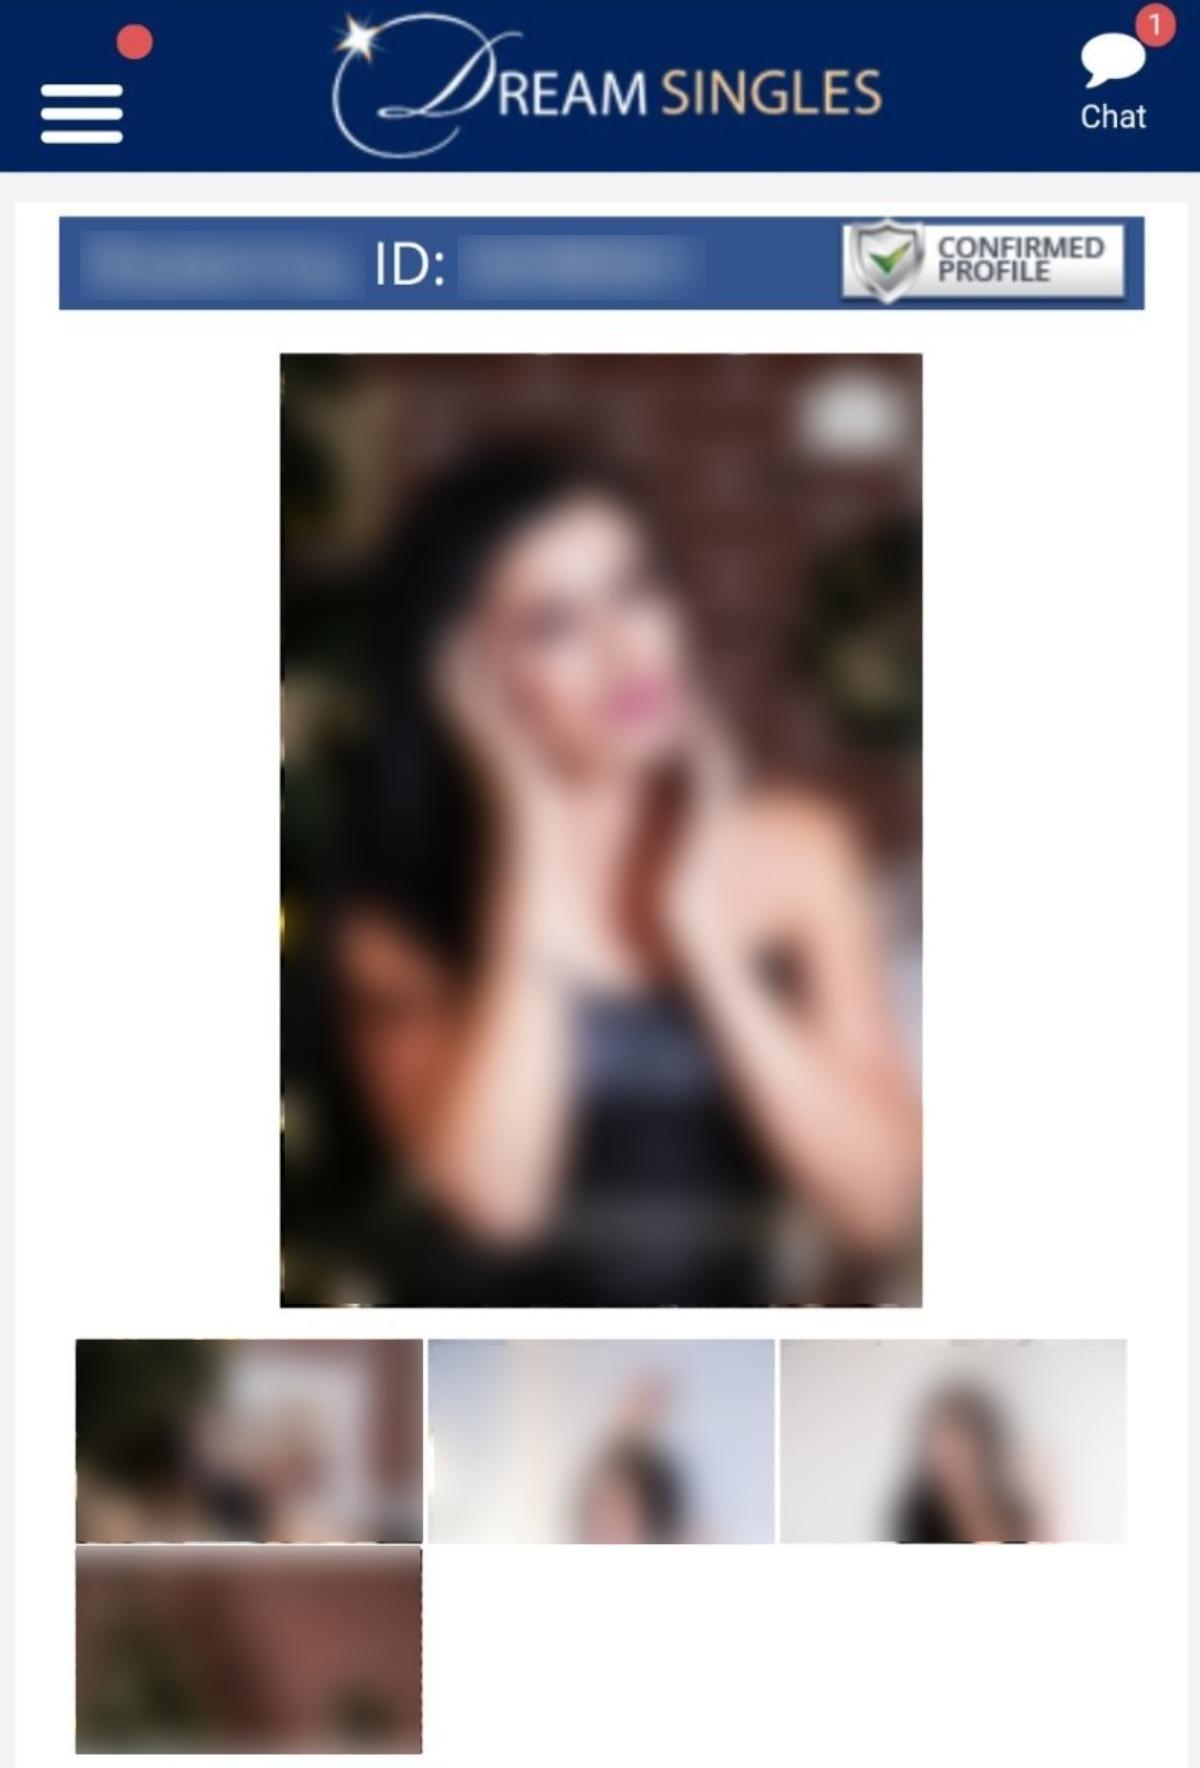 DreamSingles Mobile Female Profile